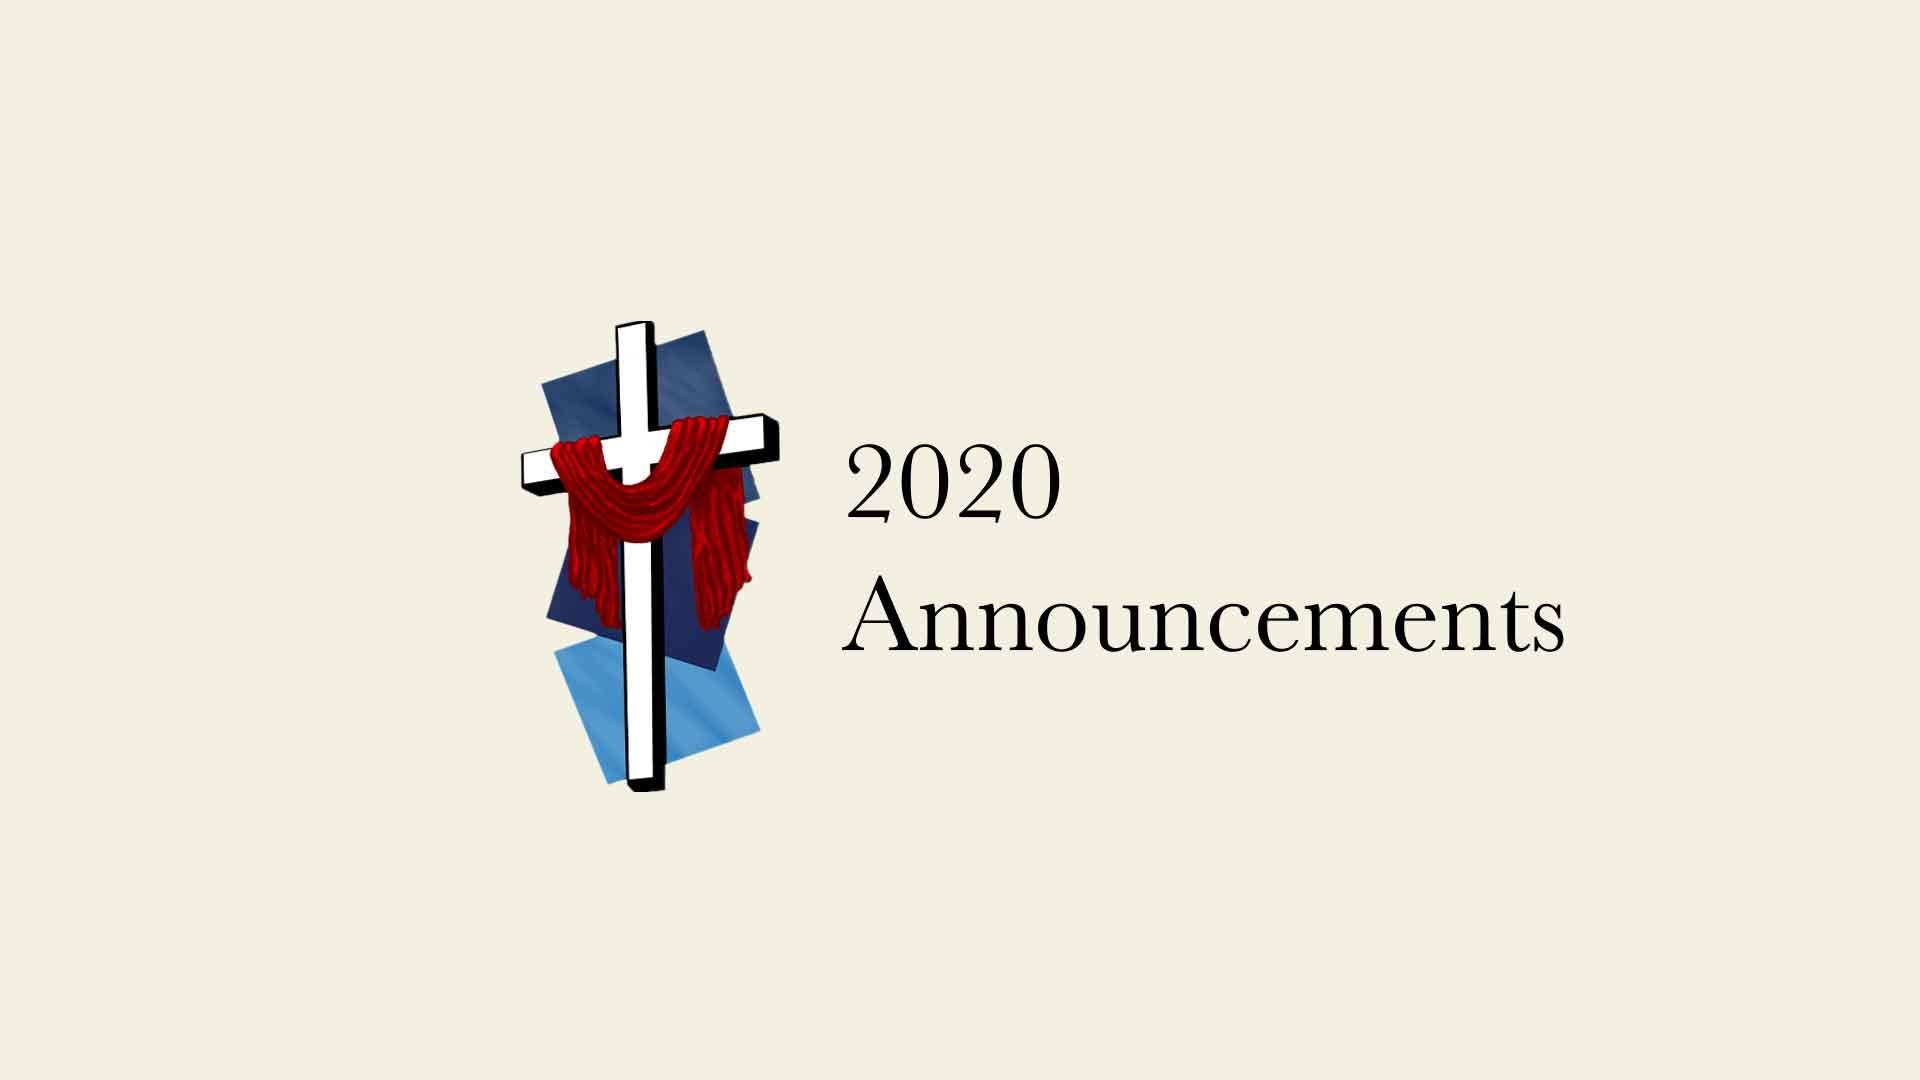 2020 Announcements